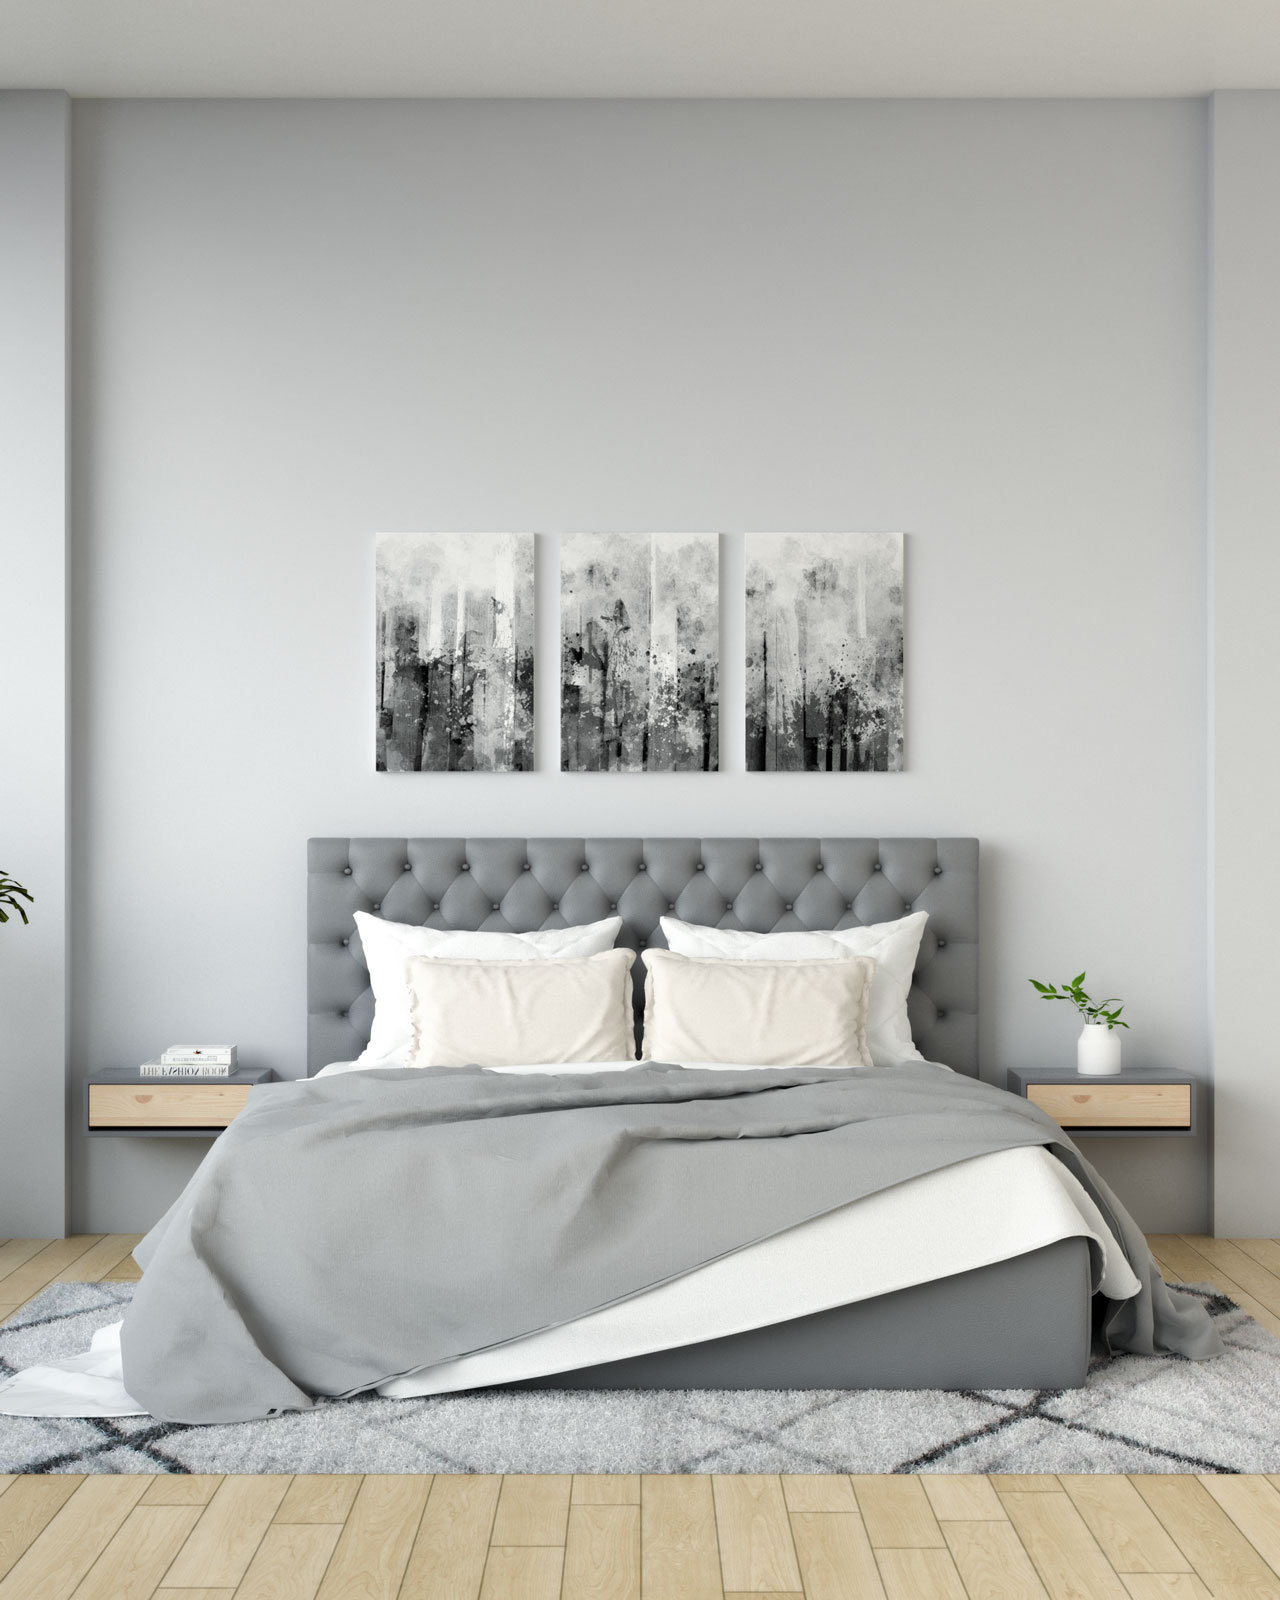 Light gray wall